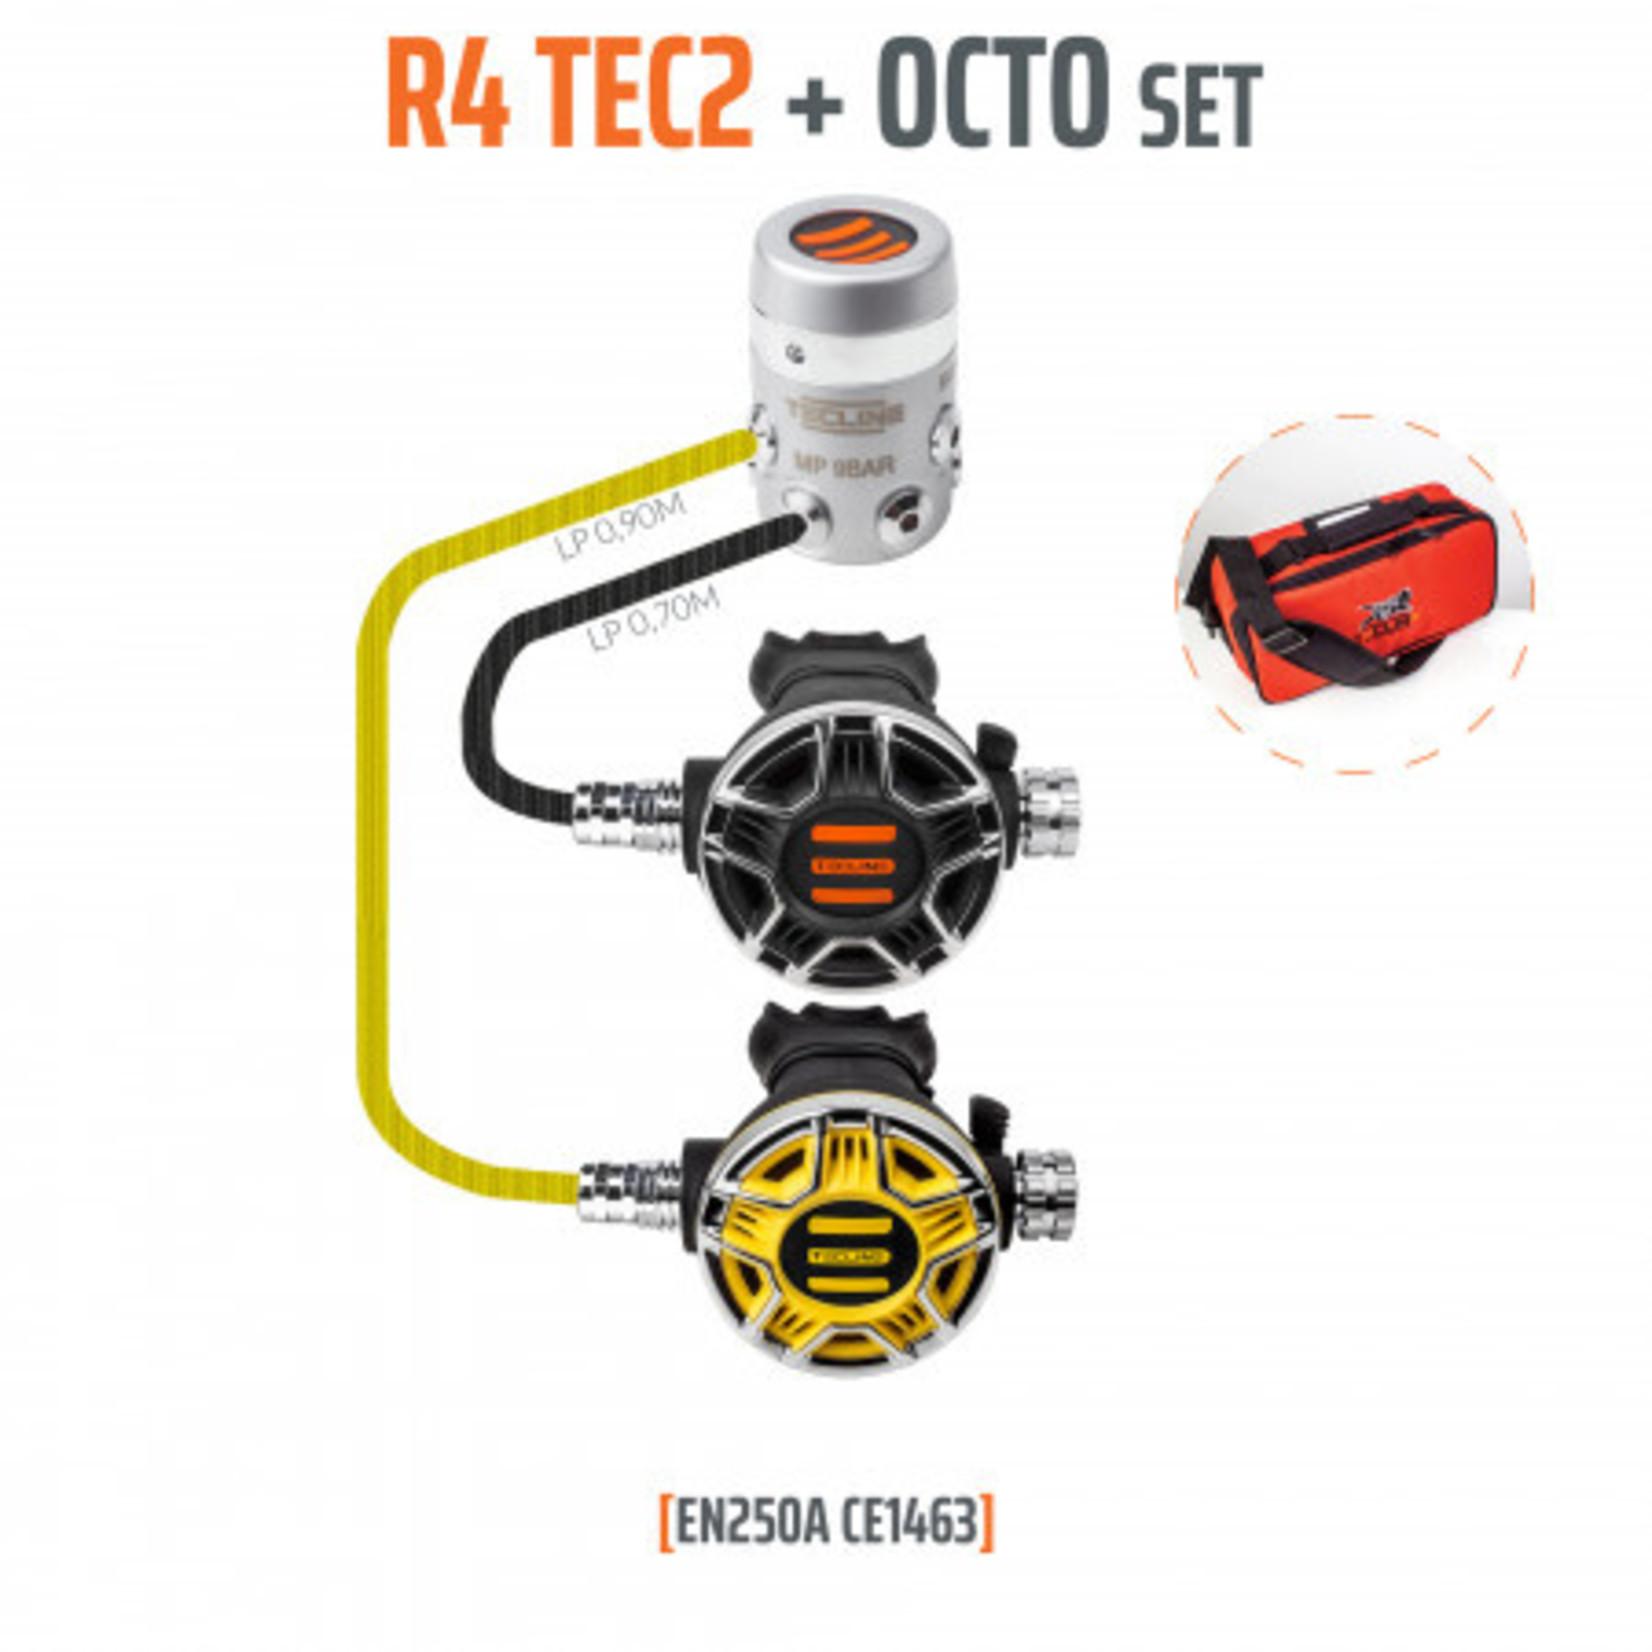 Tecline Regulator R4 TEC2 and octopus - EN250A